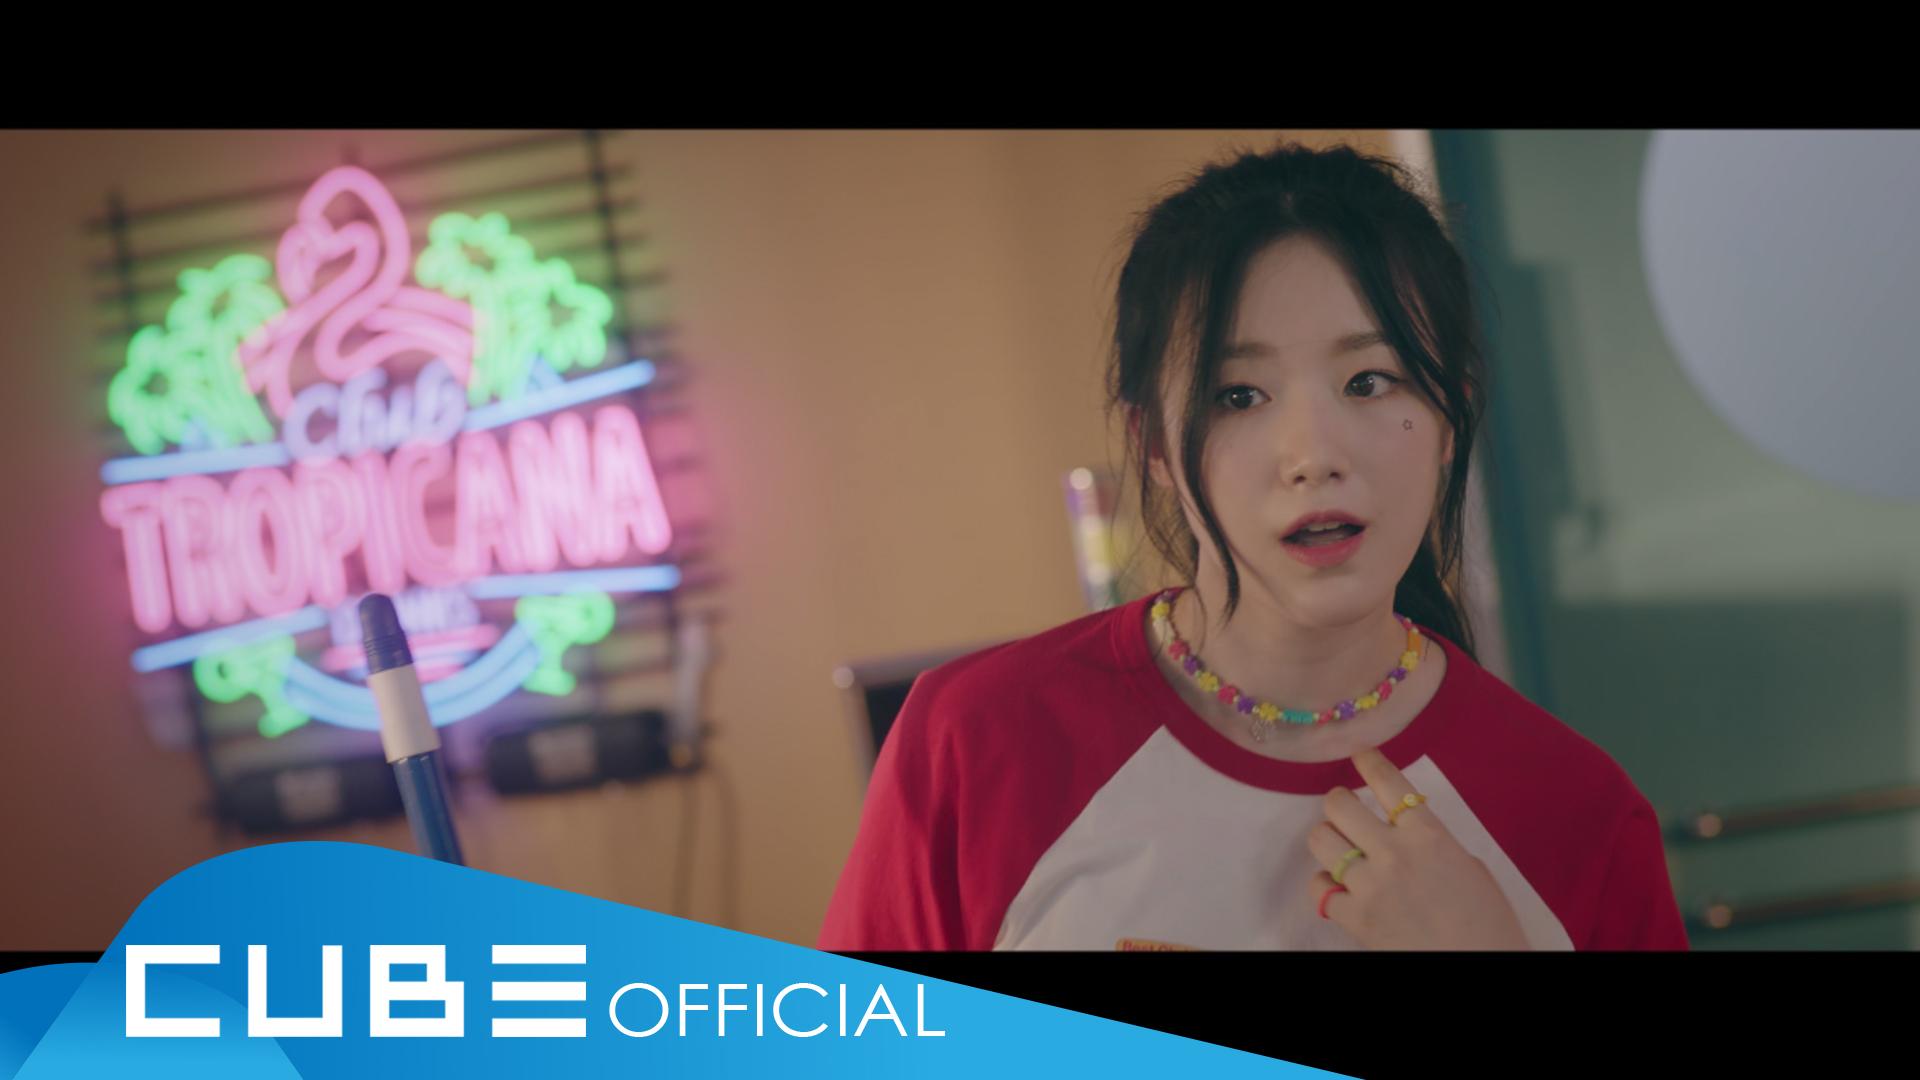 (여자)아이들 - '덤디덤디 (DUMDi DUMDi)' Official Music Video